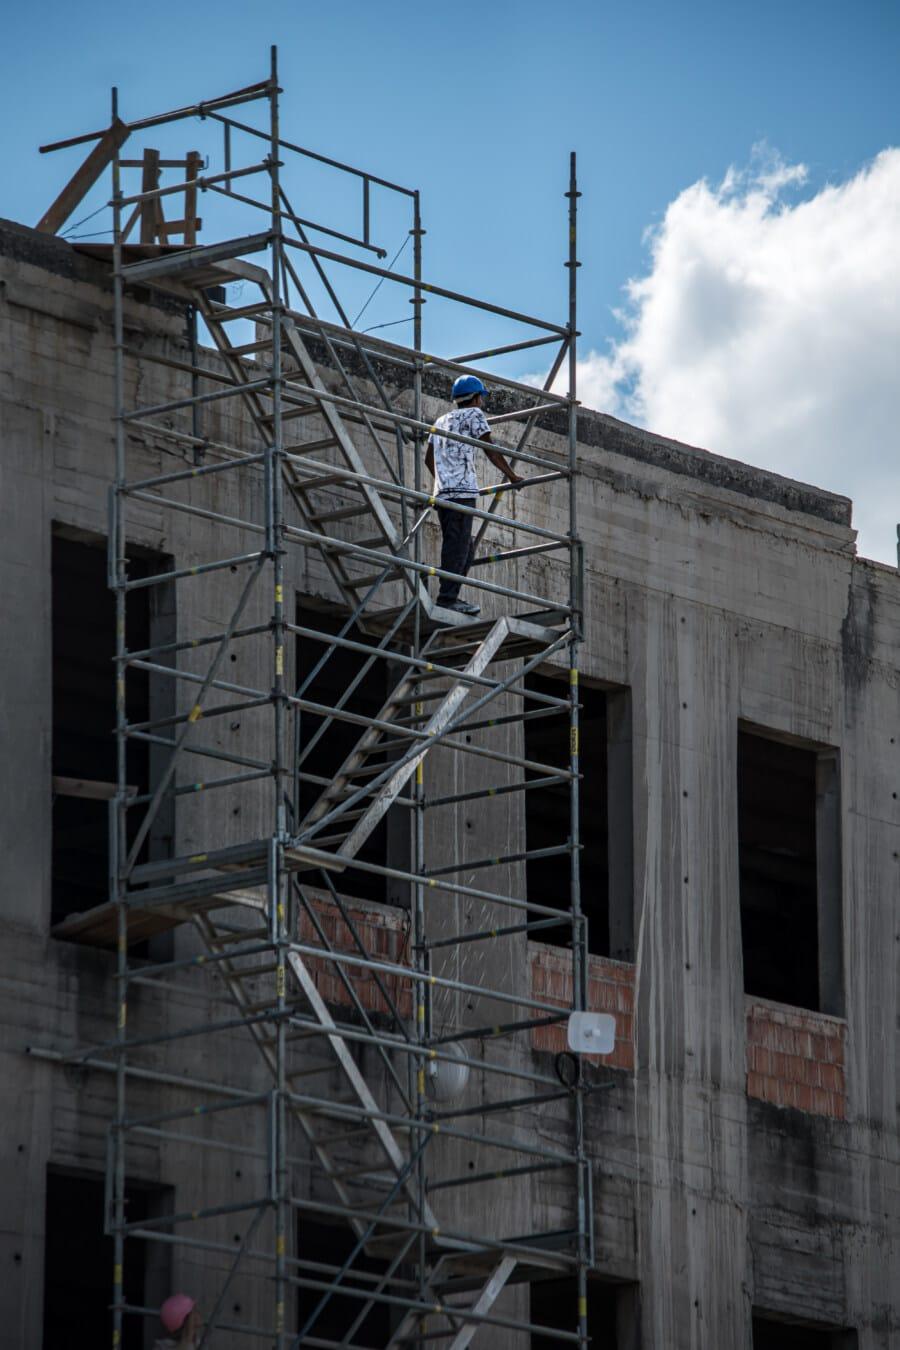 Bauarbeiter, Bau, Treppe, Gebäude, Branche, Ingenieurwesen, Architektur, Stahl, hoch, Beton